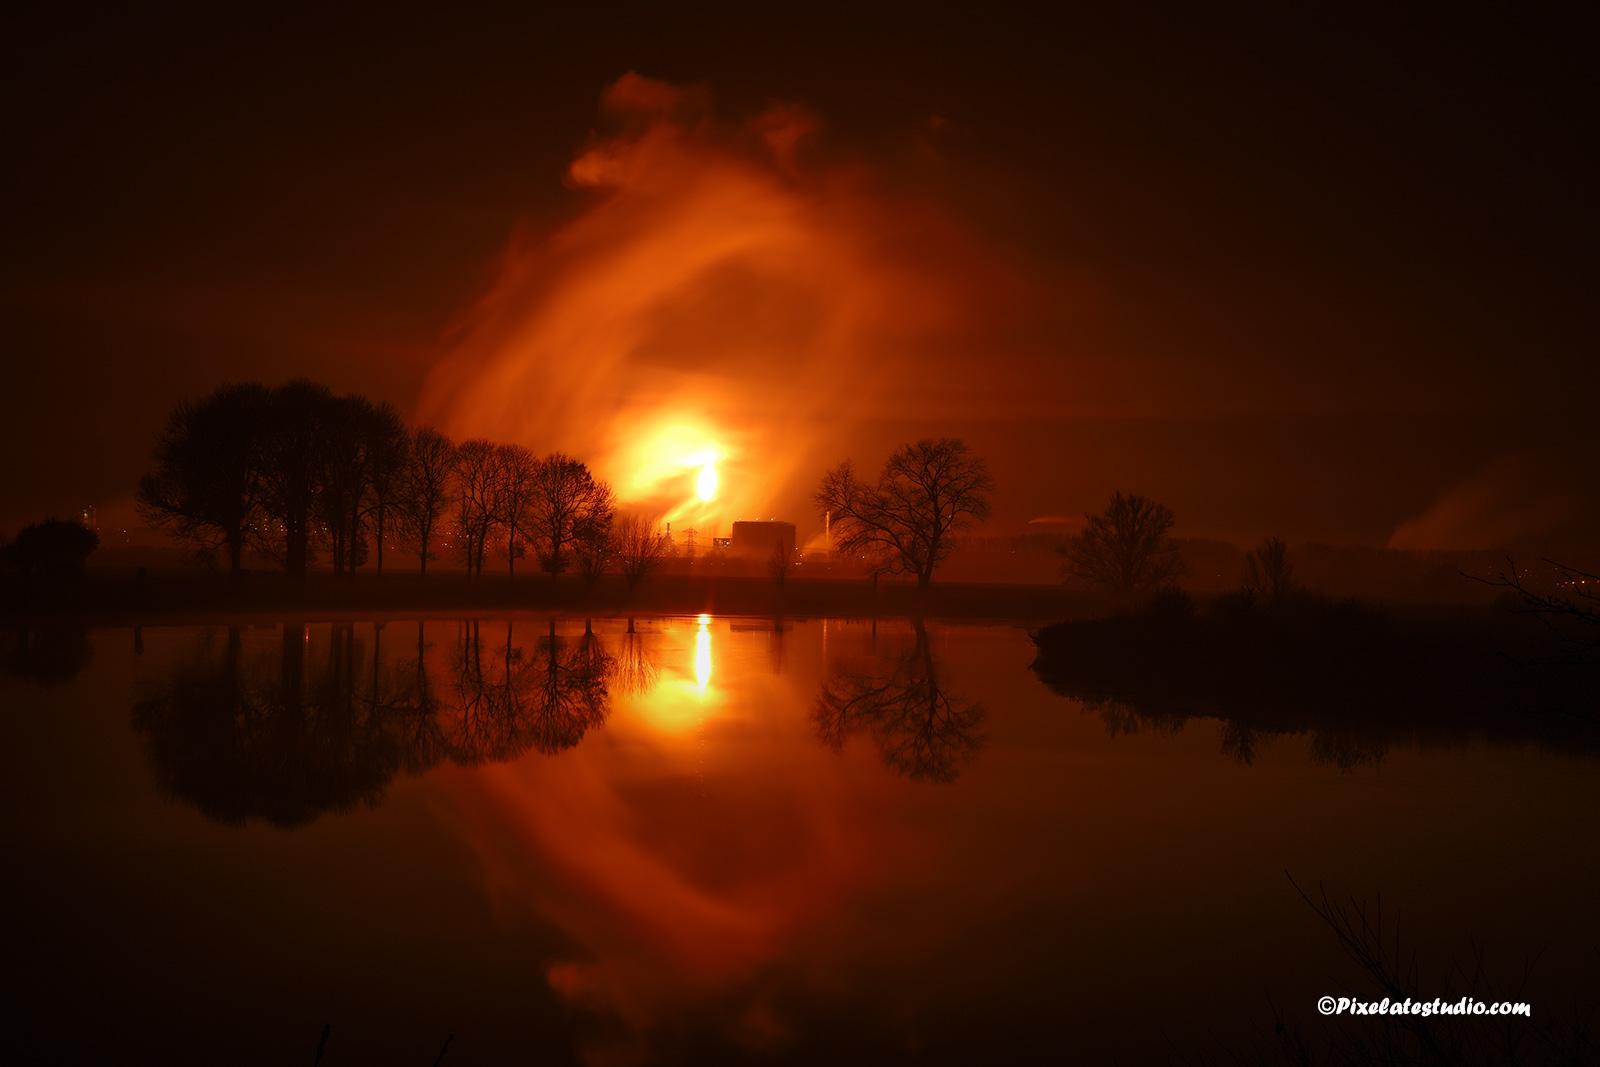 aparte landschapsfoto s'nachts genomen met bomen die spiegelen in het water